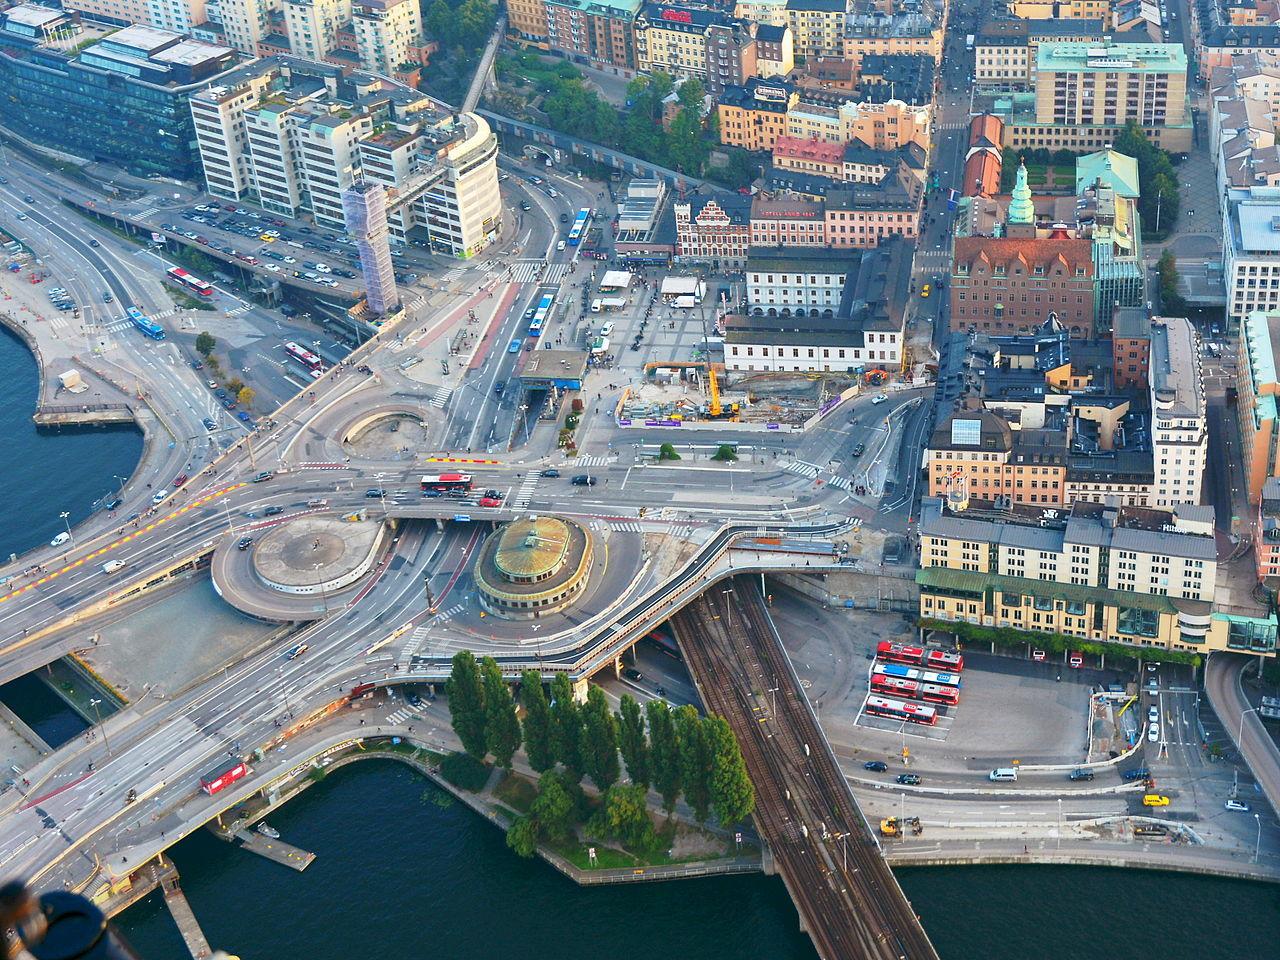 Drönare stänger luftrummet över Stockholm